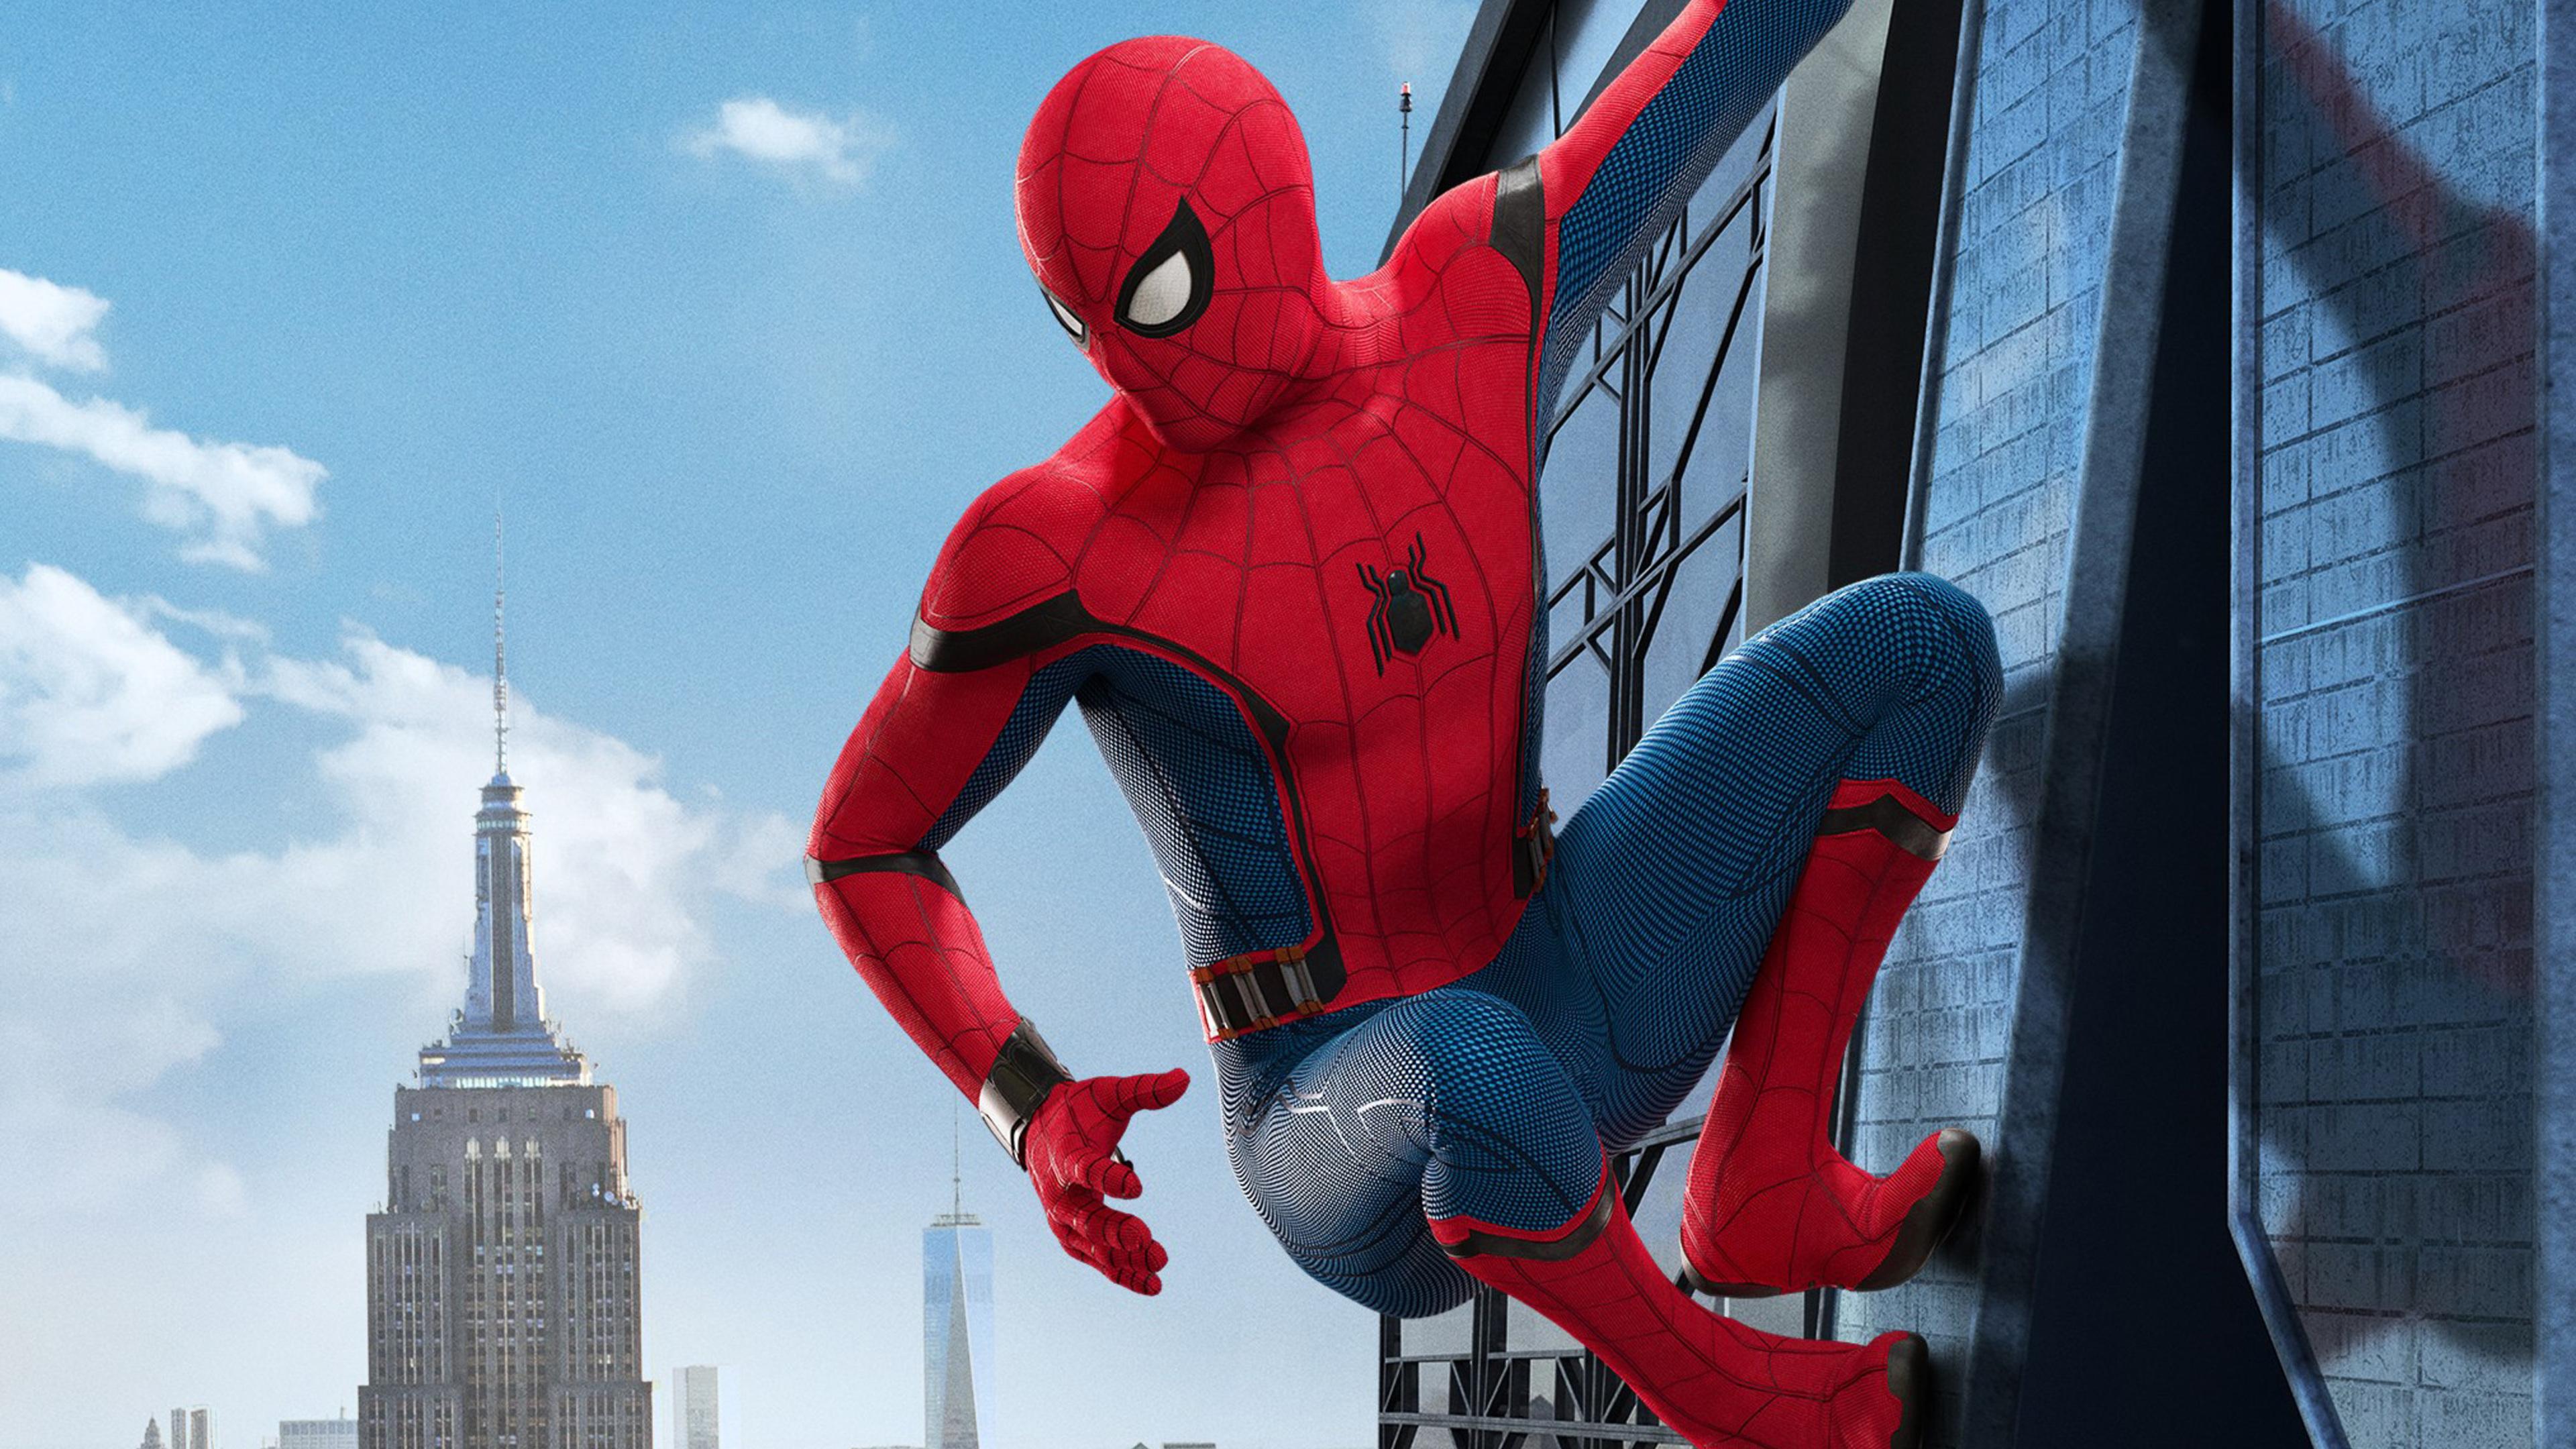 человек паук фильм загрузить